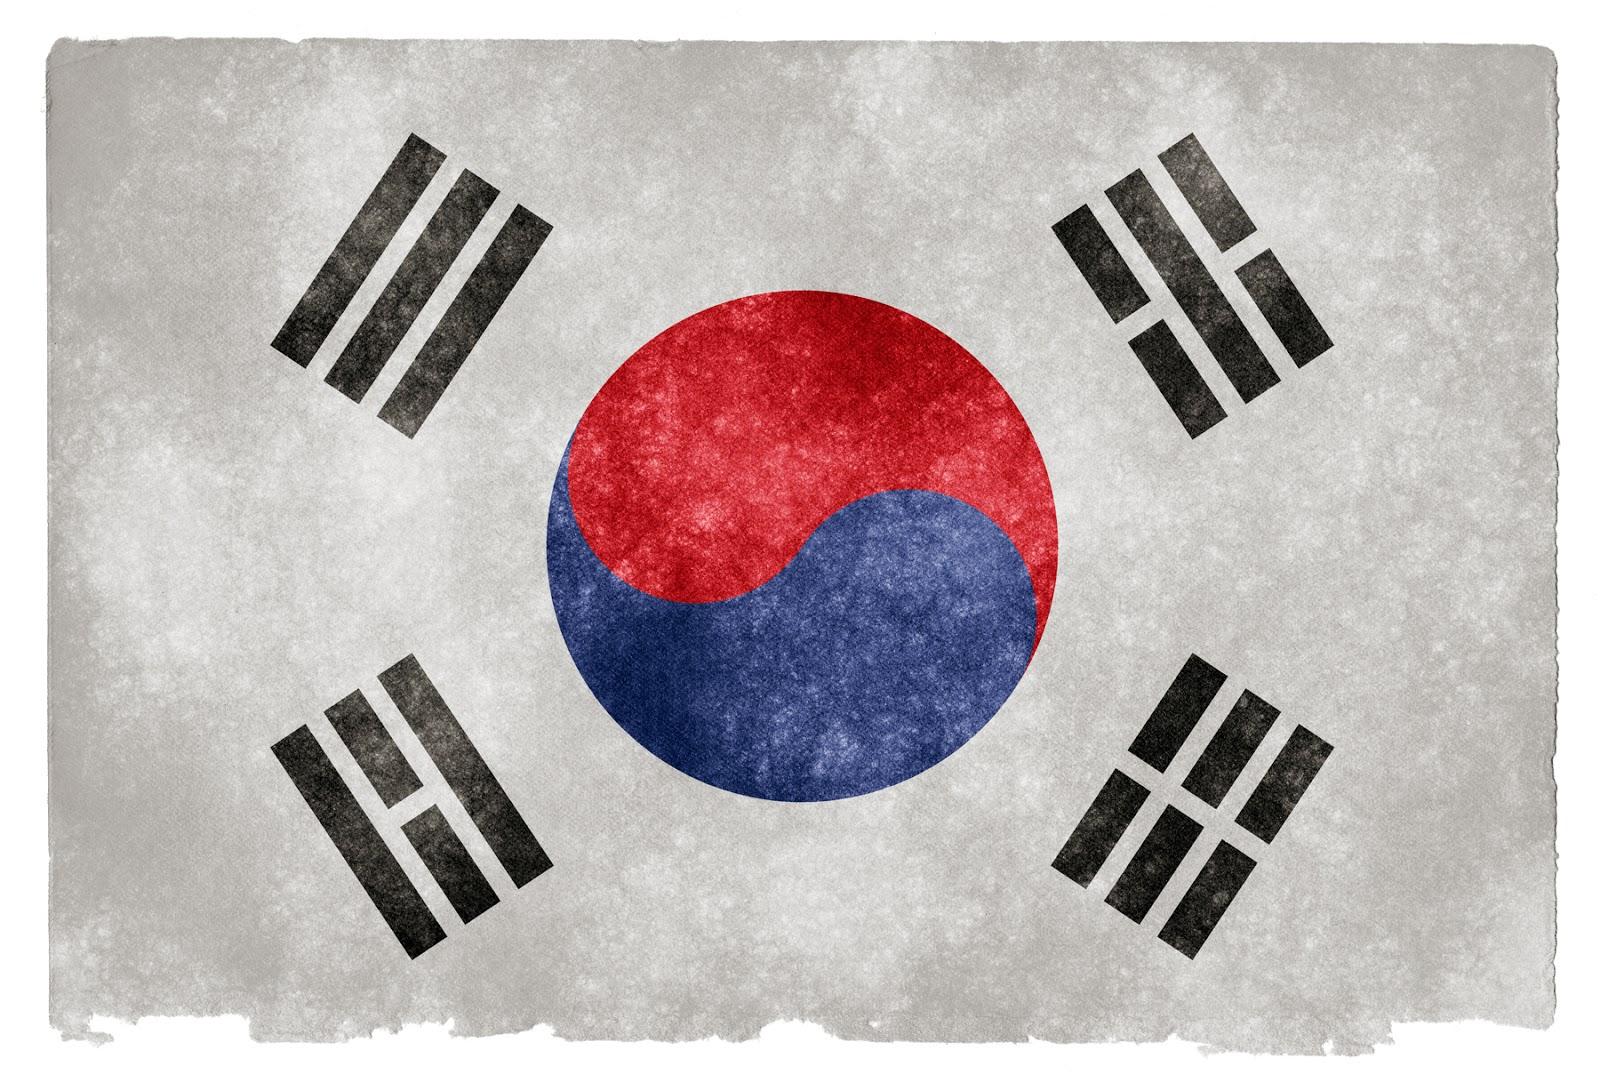 Bandeira da Coréia, com seus 4 característicos trigramas do I Ching, o Livro das Mutações